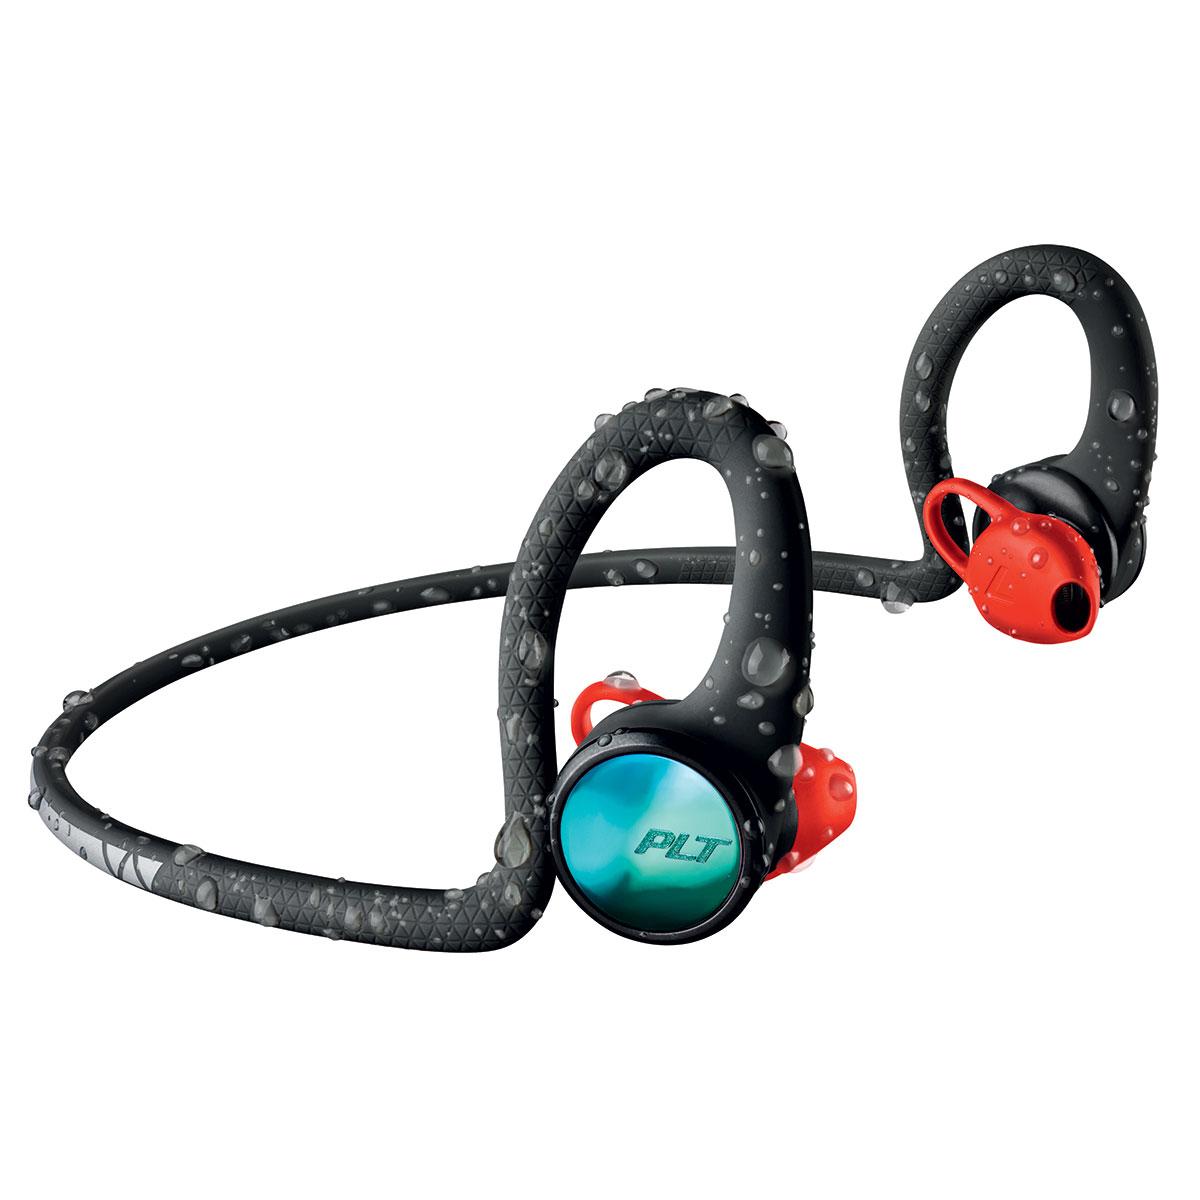 Casque Plantronics BackBeat FIT 2100 Noir Casque intra-auriculaire sport sans fil Bluetooth 5.0 avec commandes et micro - IP57